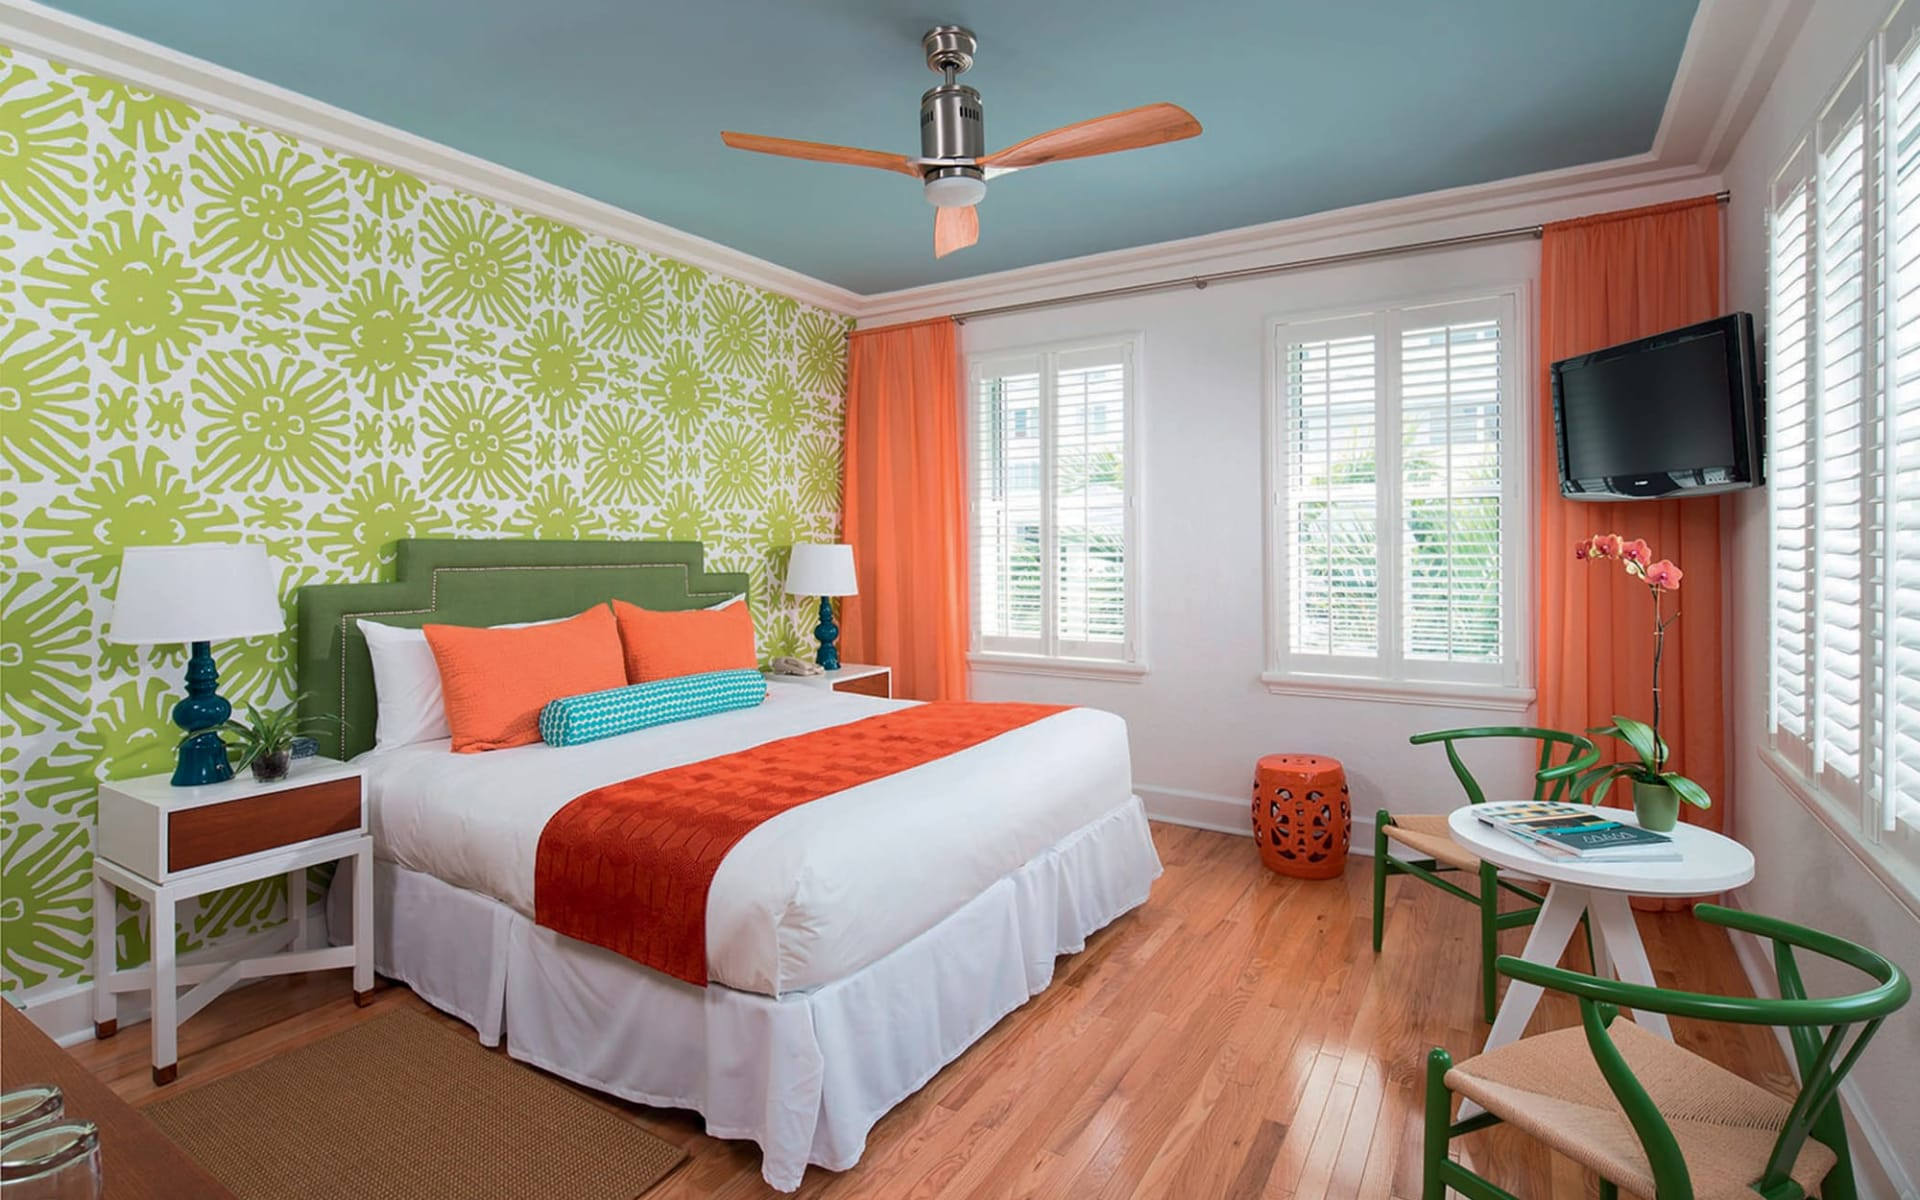 Circa 39 Hotel in Miami Beach:  Circa 39 - Doppelzimmer